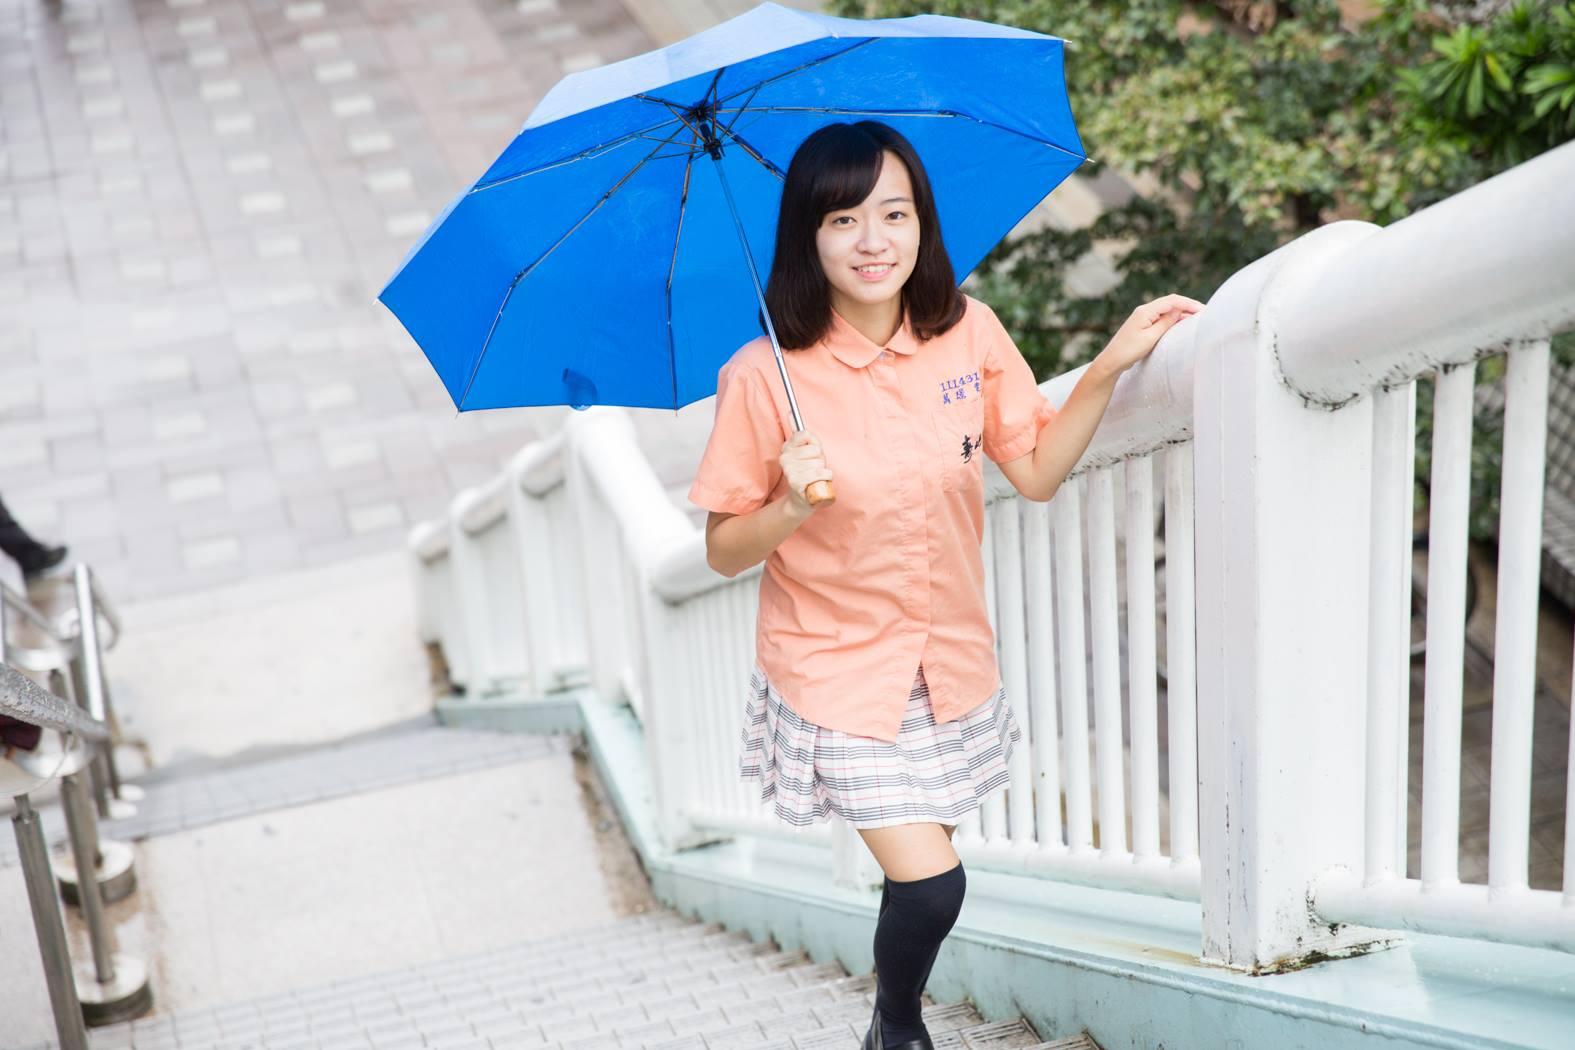 萬璟雯╳史旺基「制服女孩試鏡」 10199